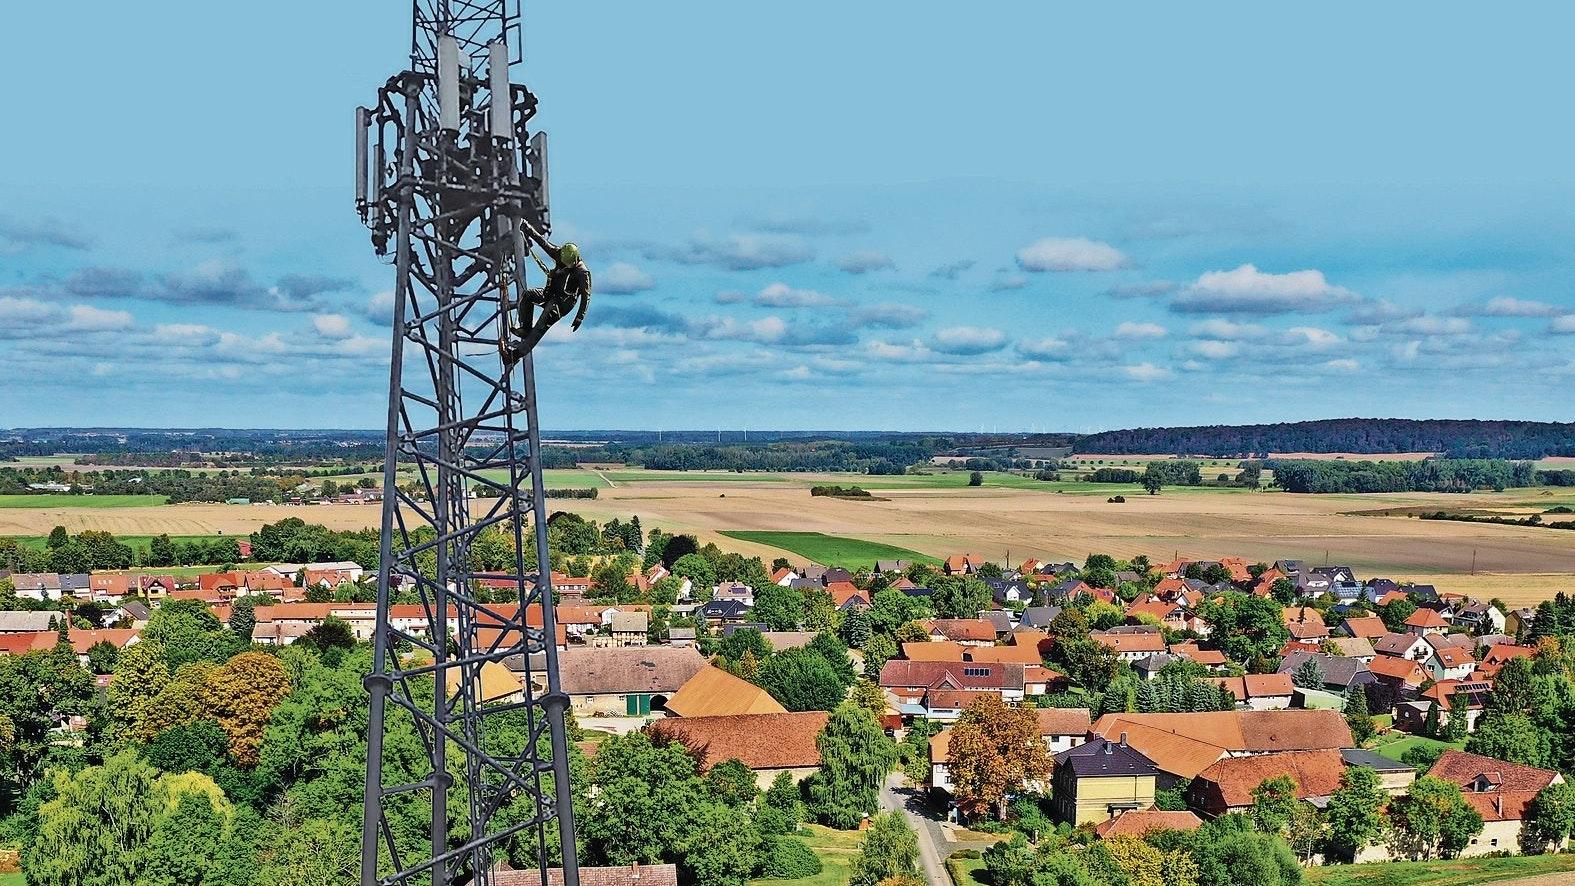 Bauanträge gestellt: Die ETN-Group will 5 Gittermasten-Sendetürme bauen. Foto: ETN